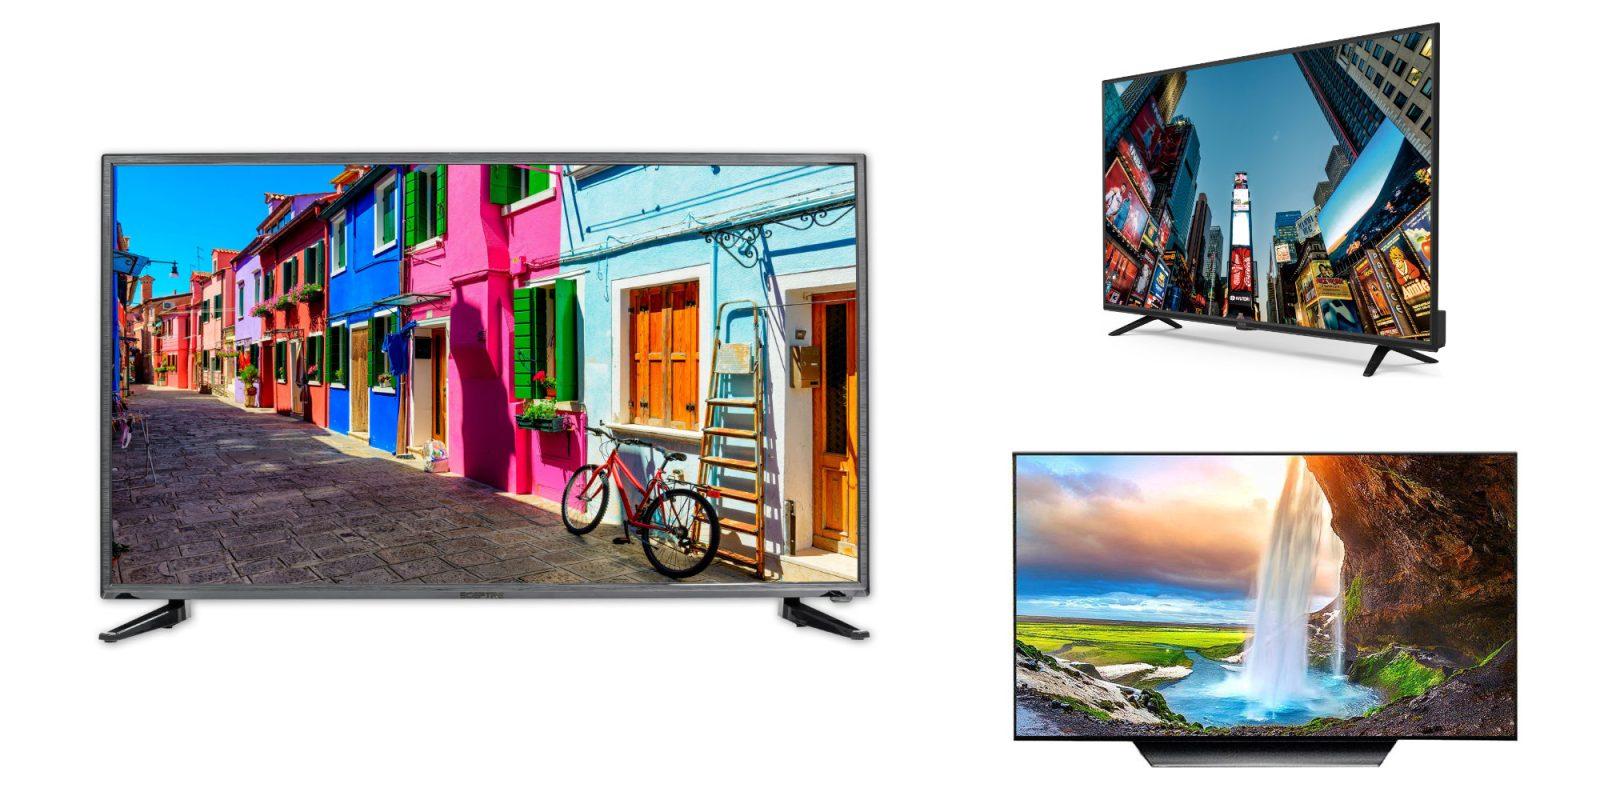 Just $120 grabs a Sceptre 40″ 1080p TV (Reg. $160), RCA 43″ 4K $150, more